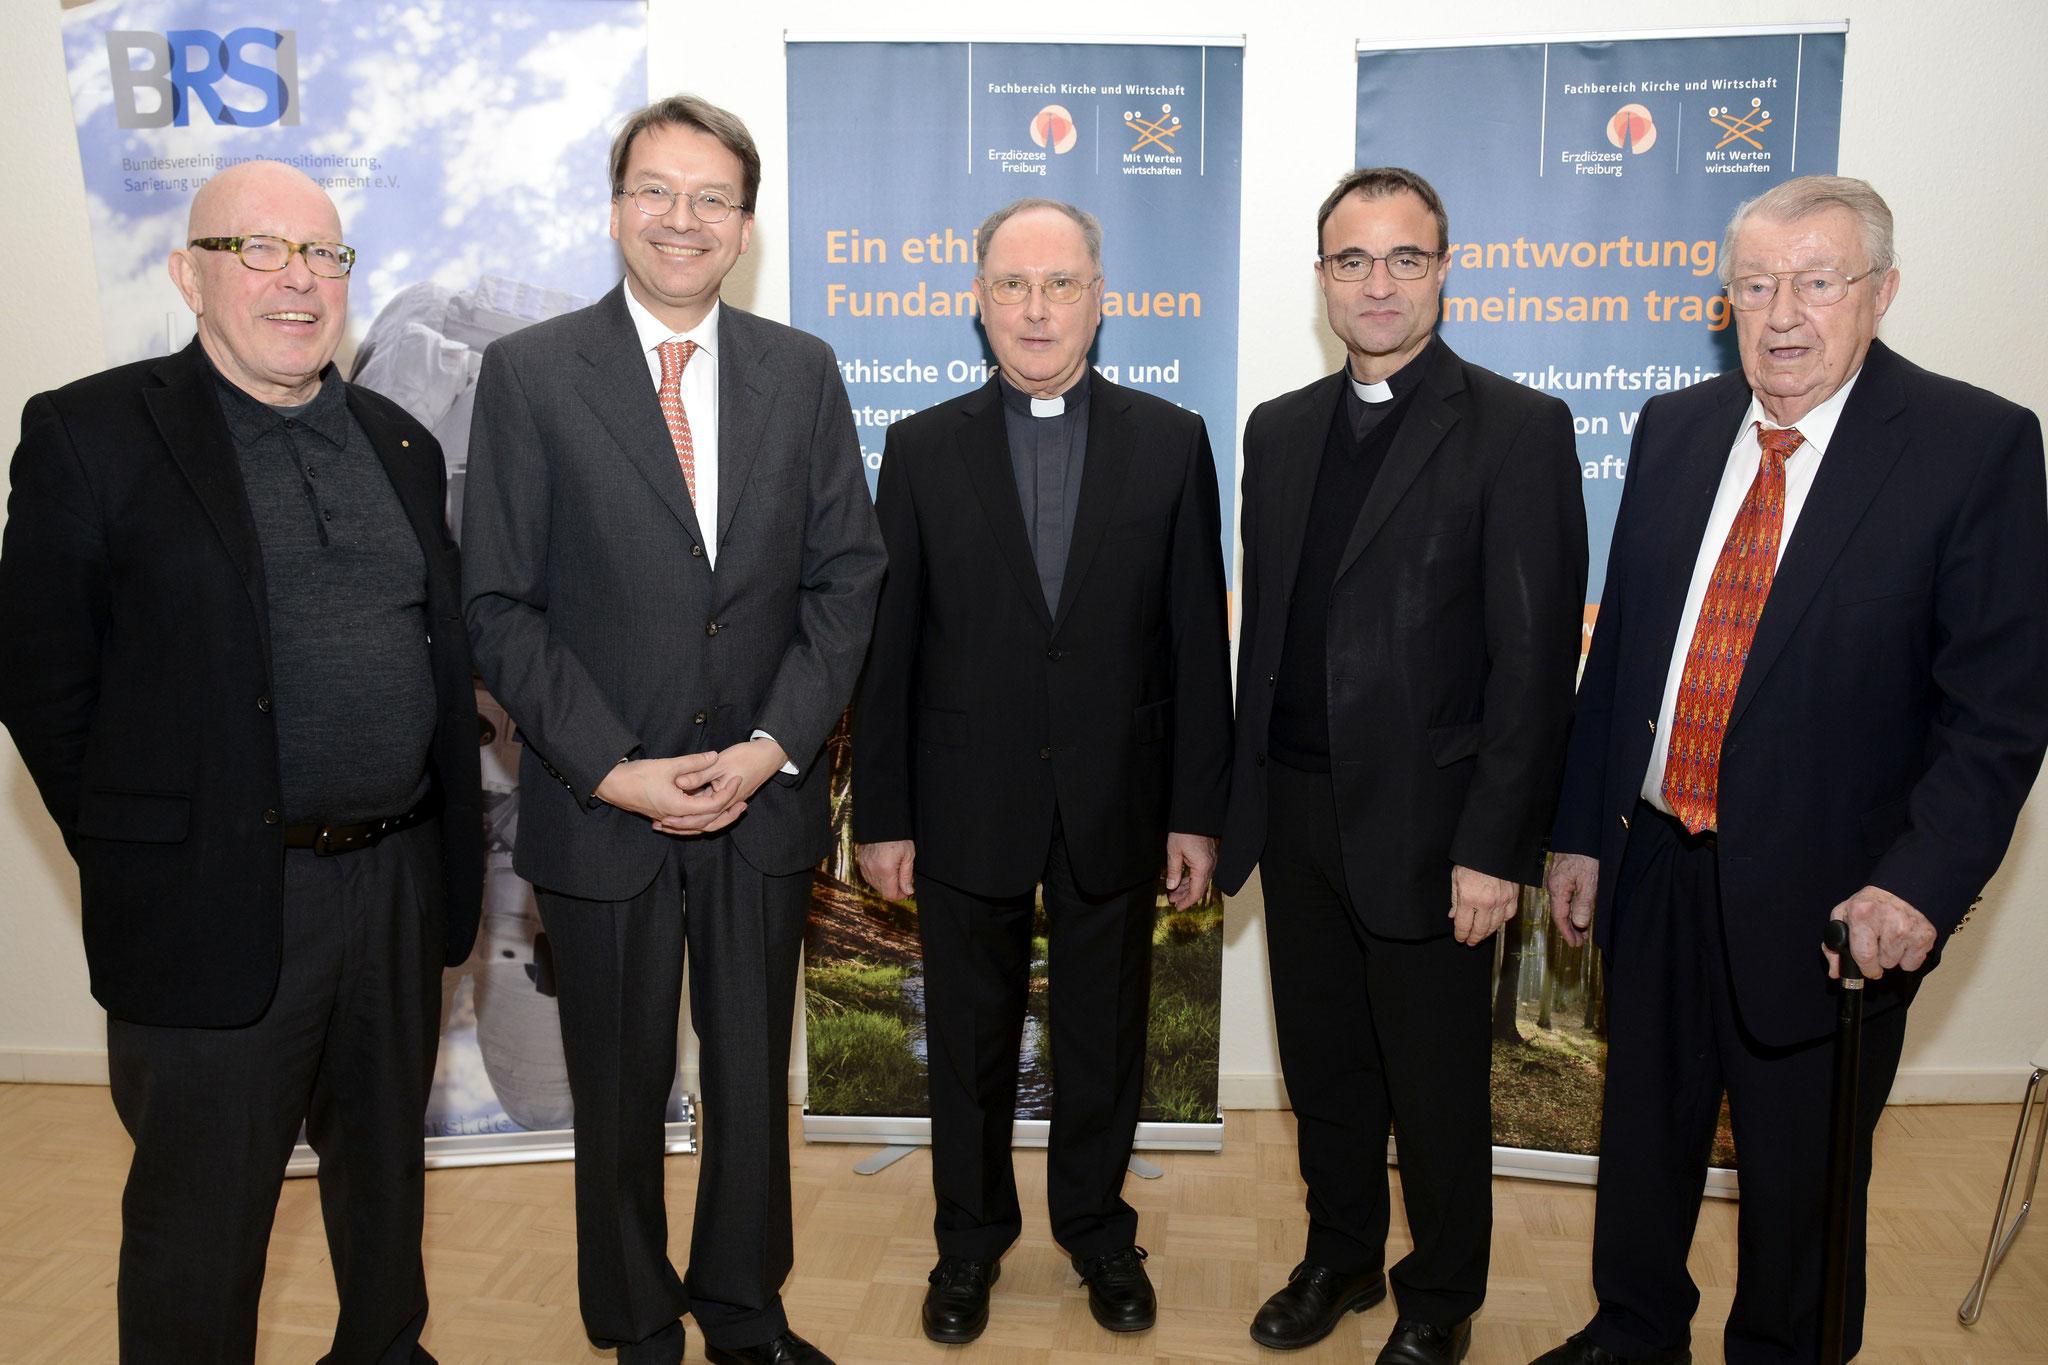 Dr. Dieter Körner (BRSI), Dr. Andreas Gröpl (Fachbereich Kirche und Wirtschaft Nordbaden), Dr. Axel Mehlmann (Generalvikar Freiburg),  Karl Jung (Stadtdekan des Dekanates Mannheim), Karl Miltner (Regierungspräsident a. D.), Bild Copyright Helmut G. Roos